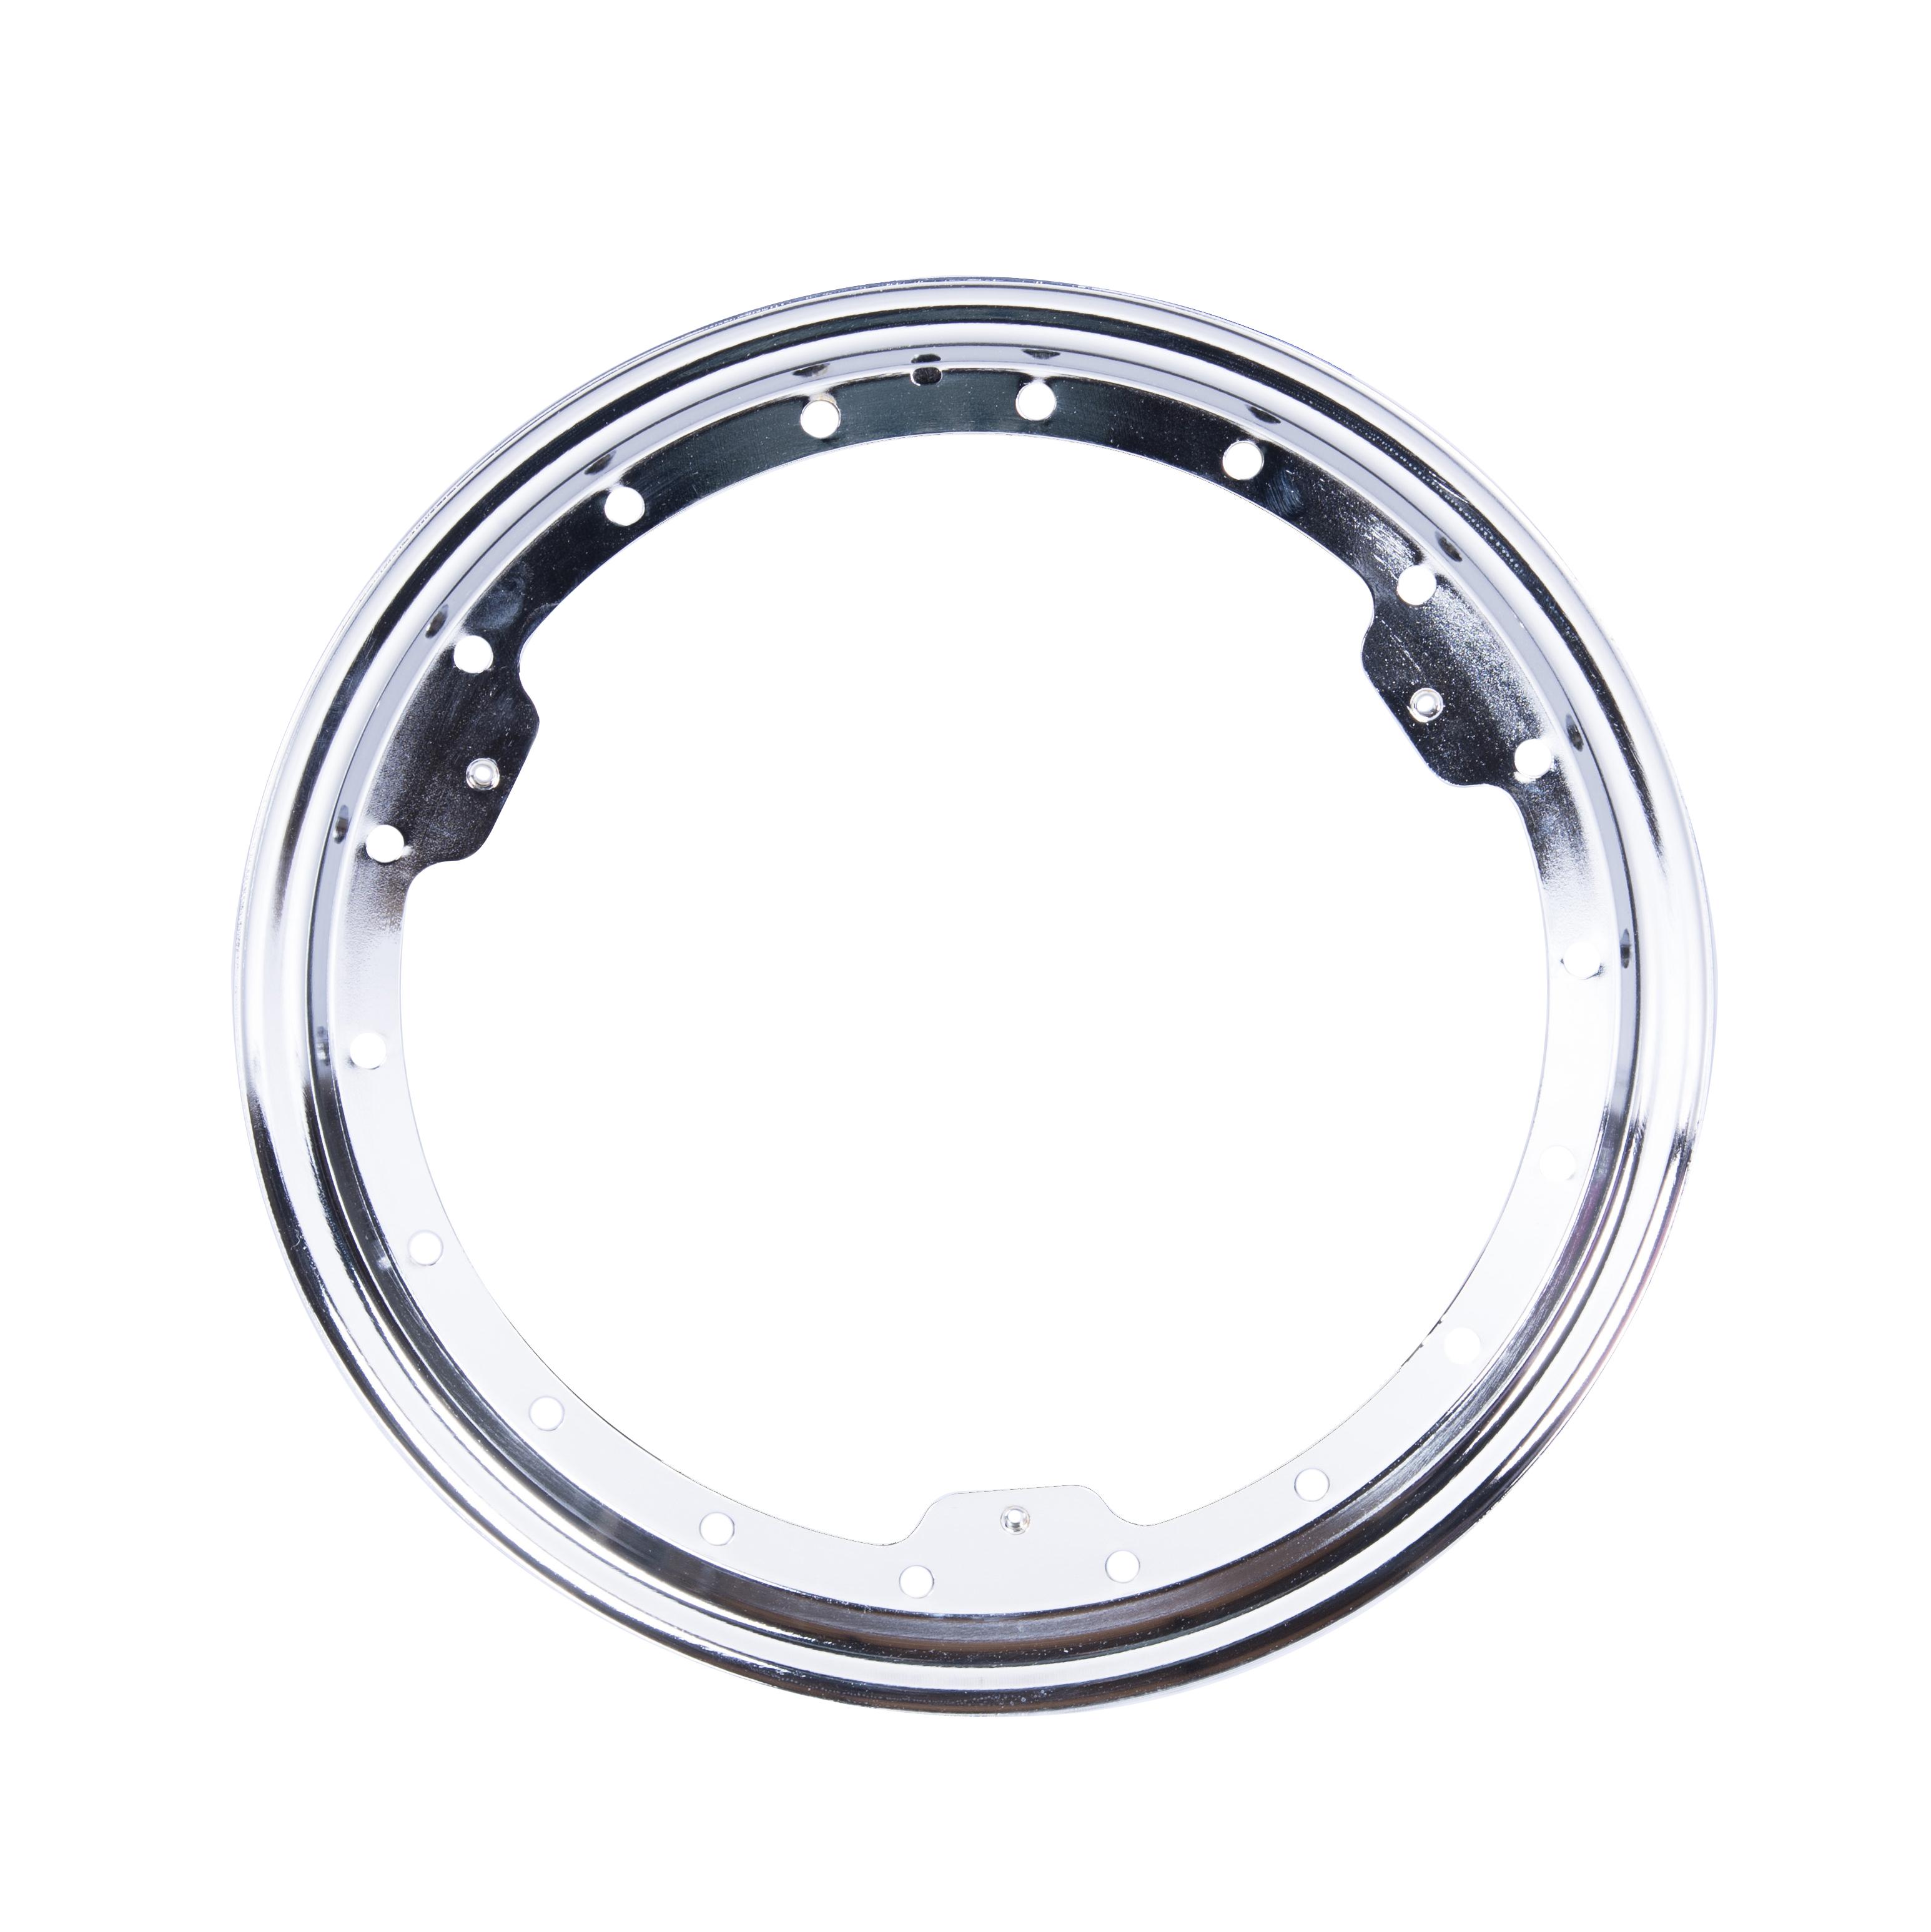 Bassett Beadlock Ring New Style Chrome